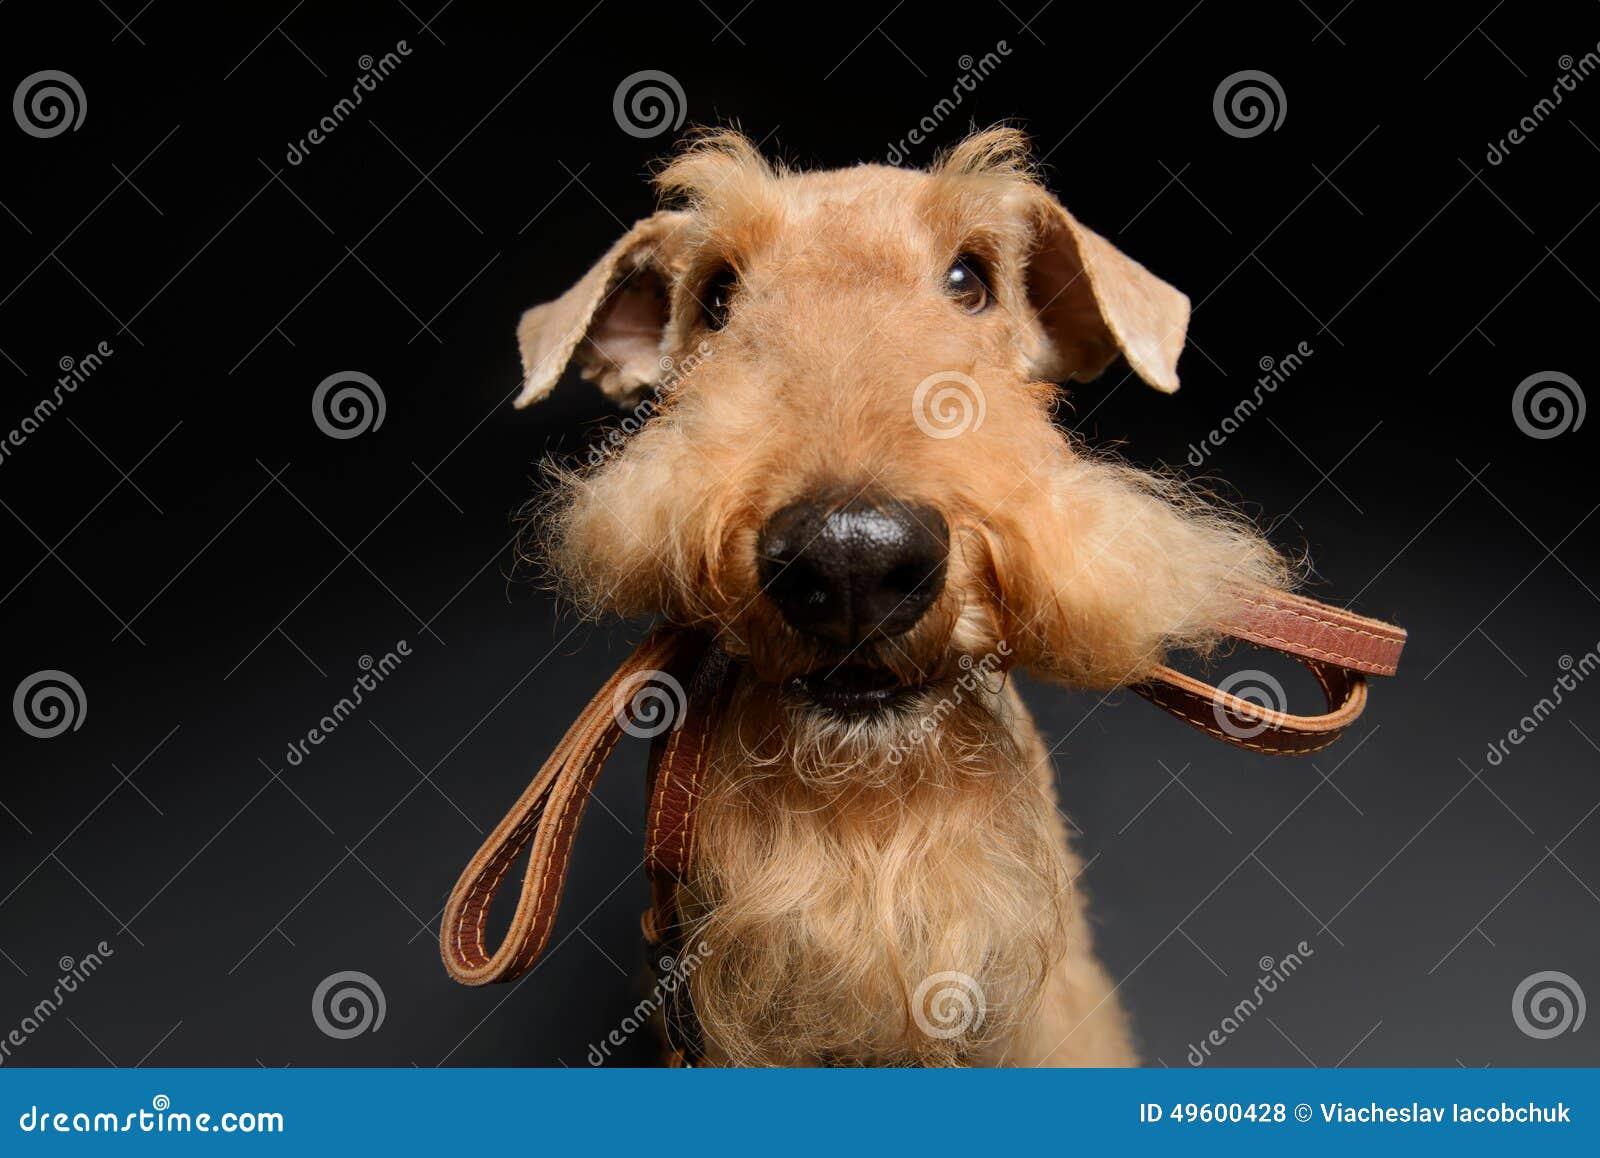 Hund Bester Freund